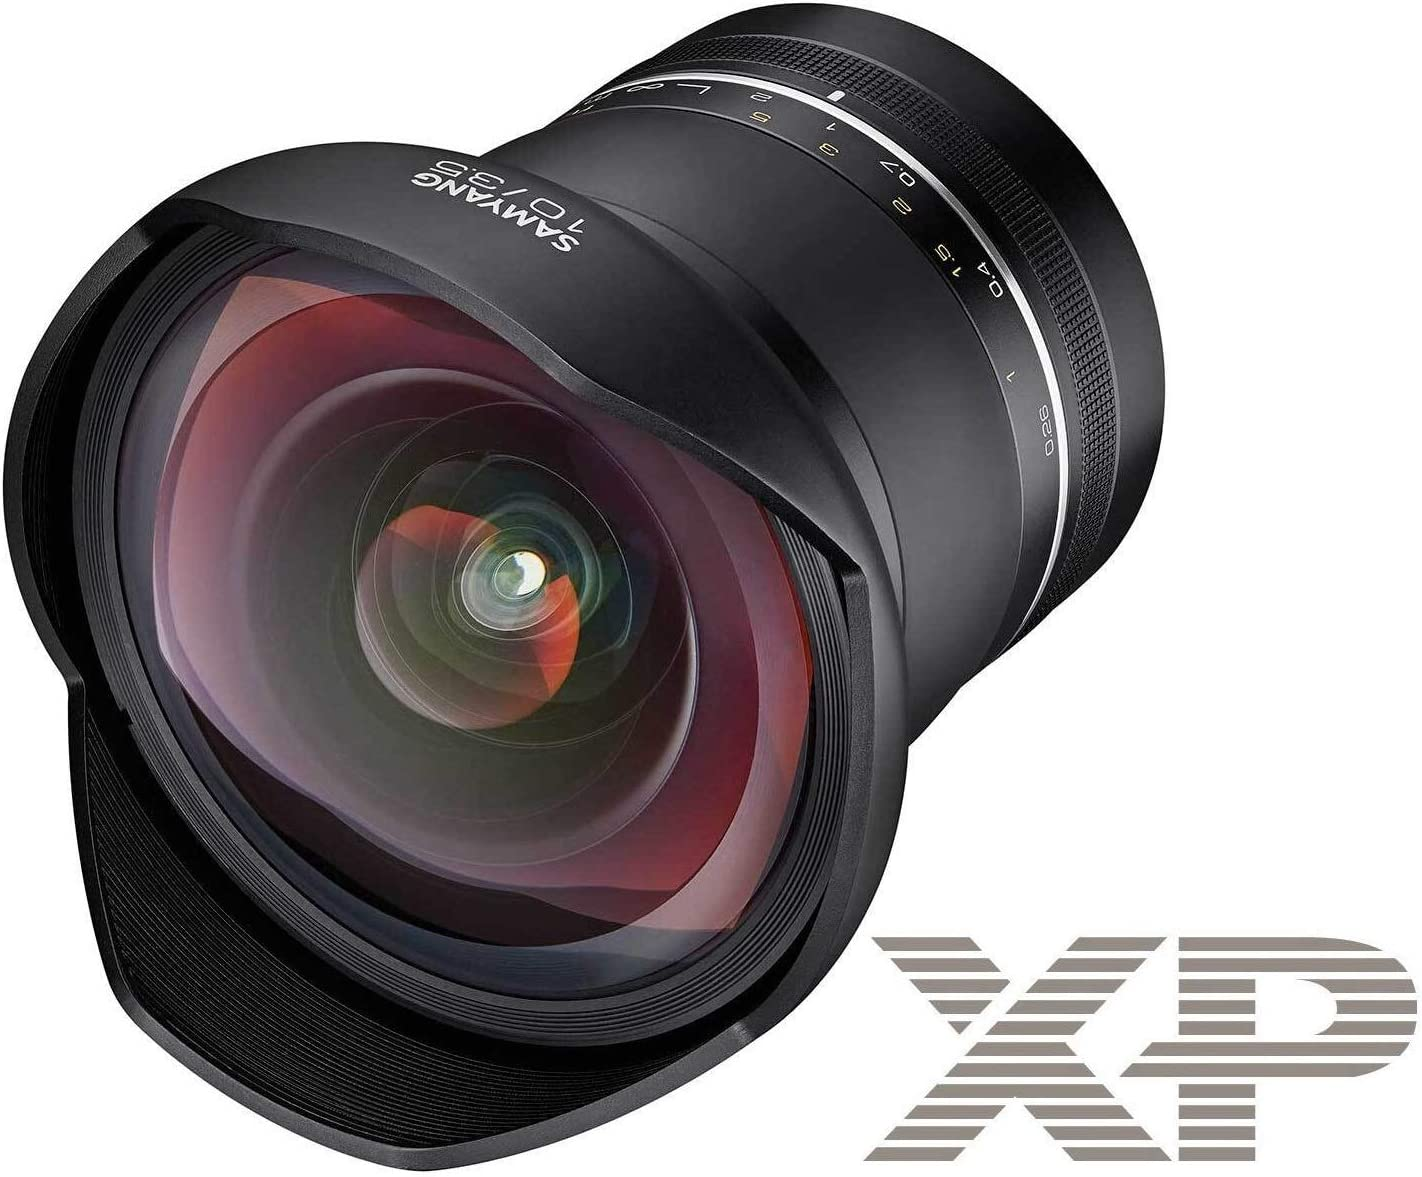 Samyang Xp 10 Mm F3 5 Nikon F Manual Ultra Wide Angle Camera Photo